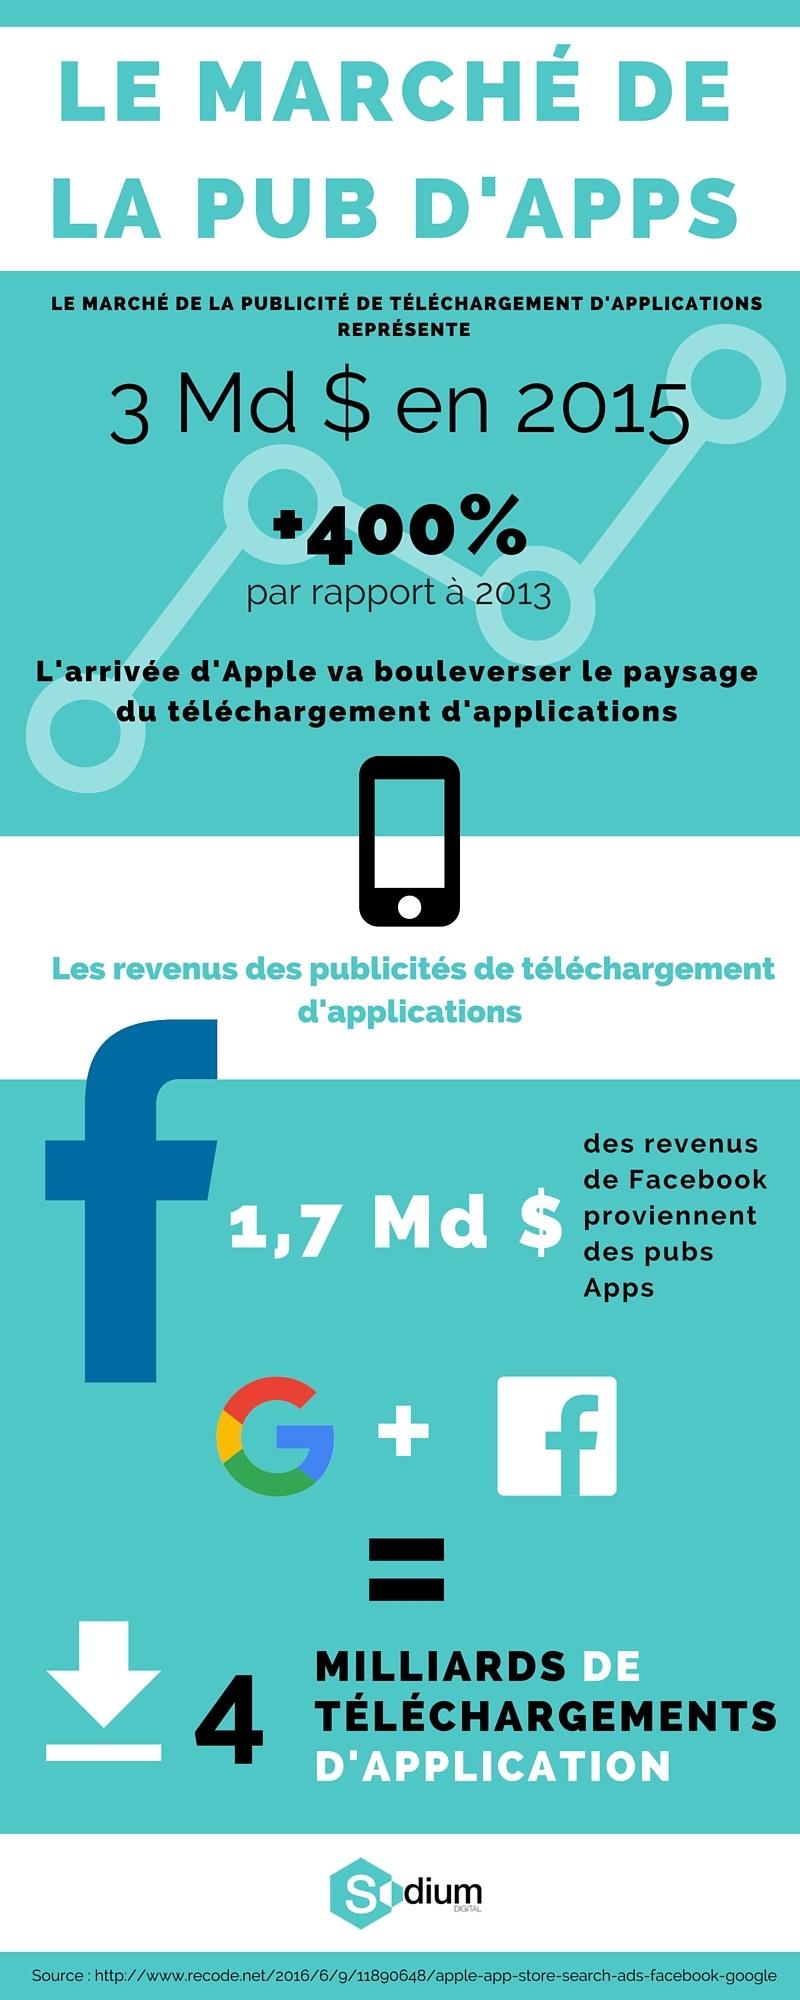 Infographie publicité mobile des apps